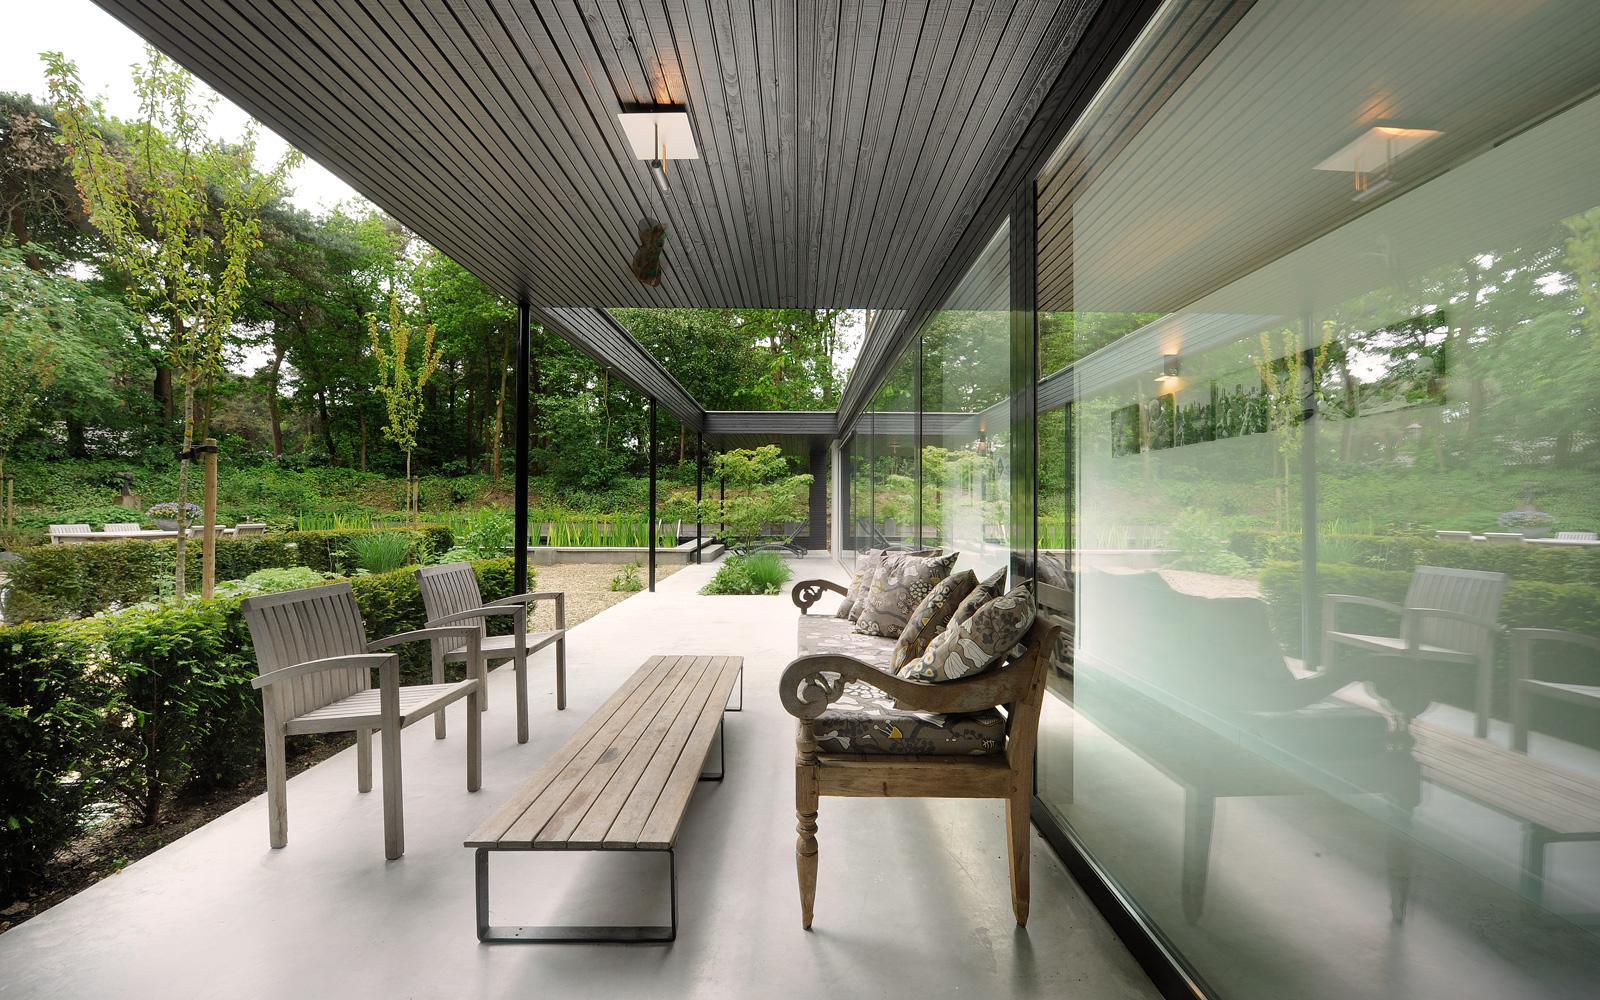 De bungalow beschikt over een grote tuin de prachtig in de natuur gelegen is.